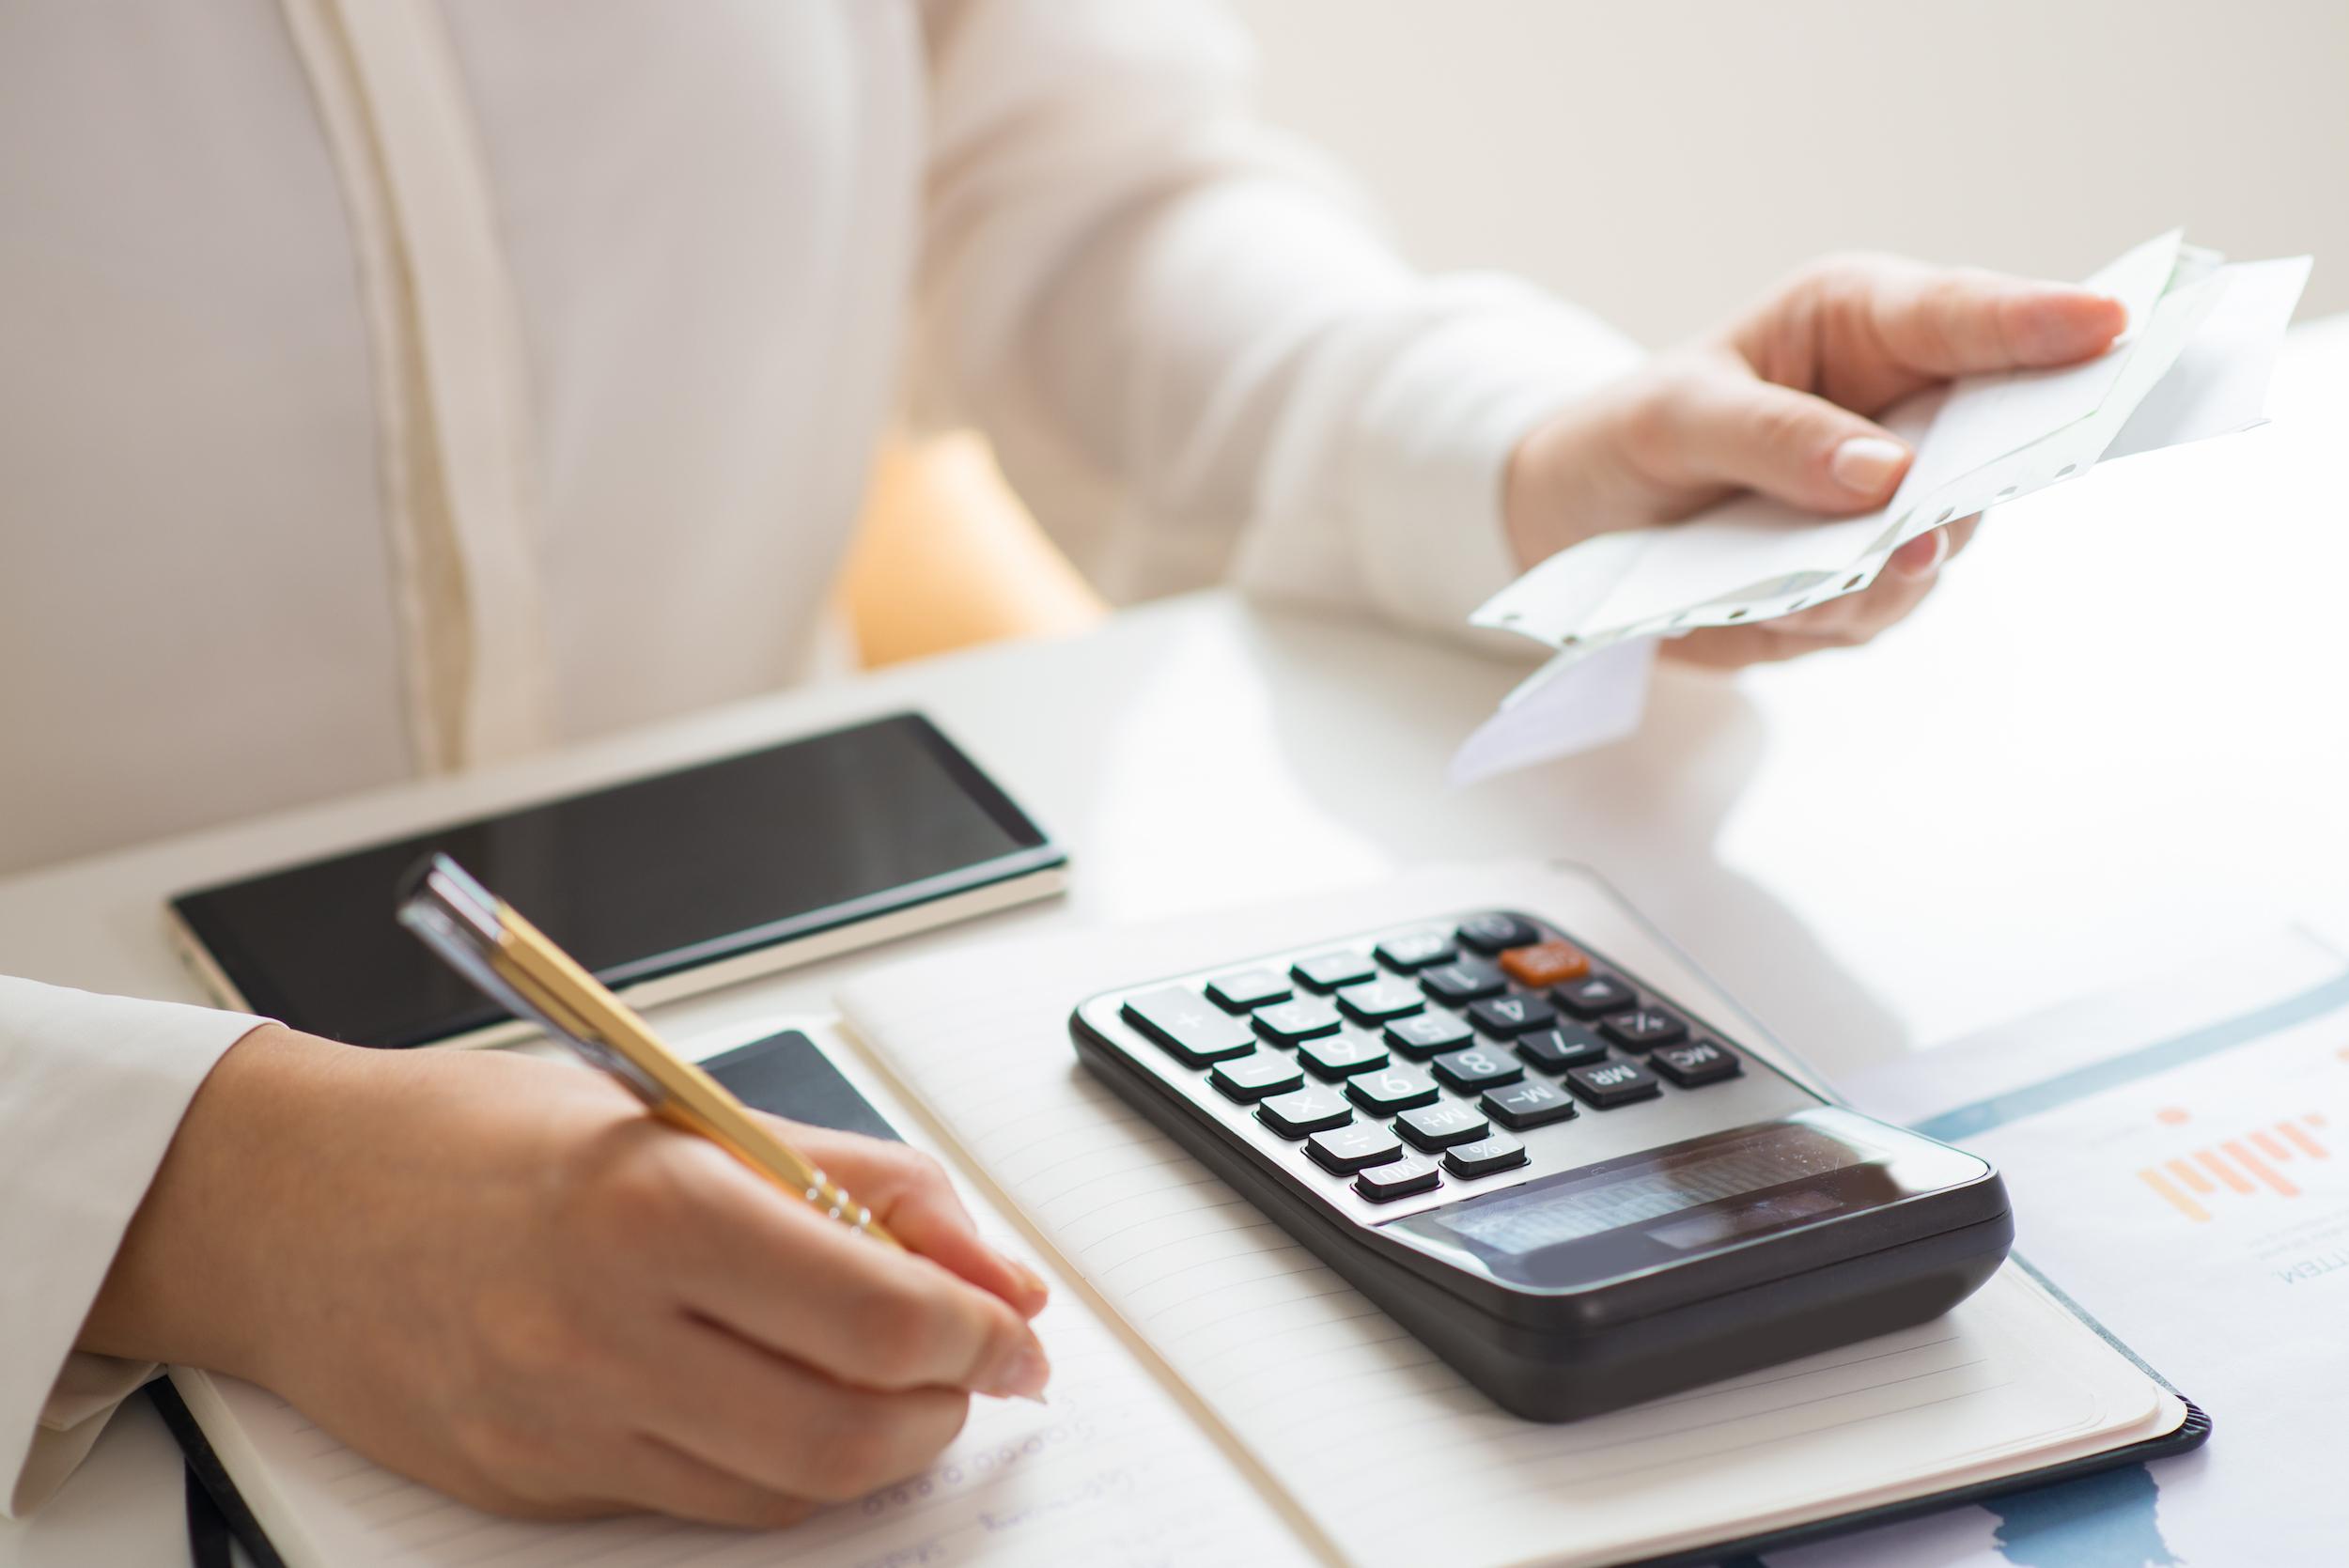 5 bước duy trì thói quen tiết kiệm sẽ giúp chị em thoát khỏi cảnh lĩnh lương chỉ để trả nợ - Ảnh 3.